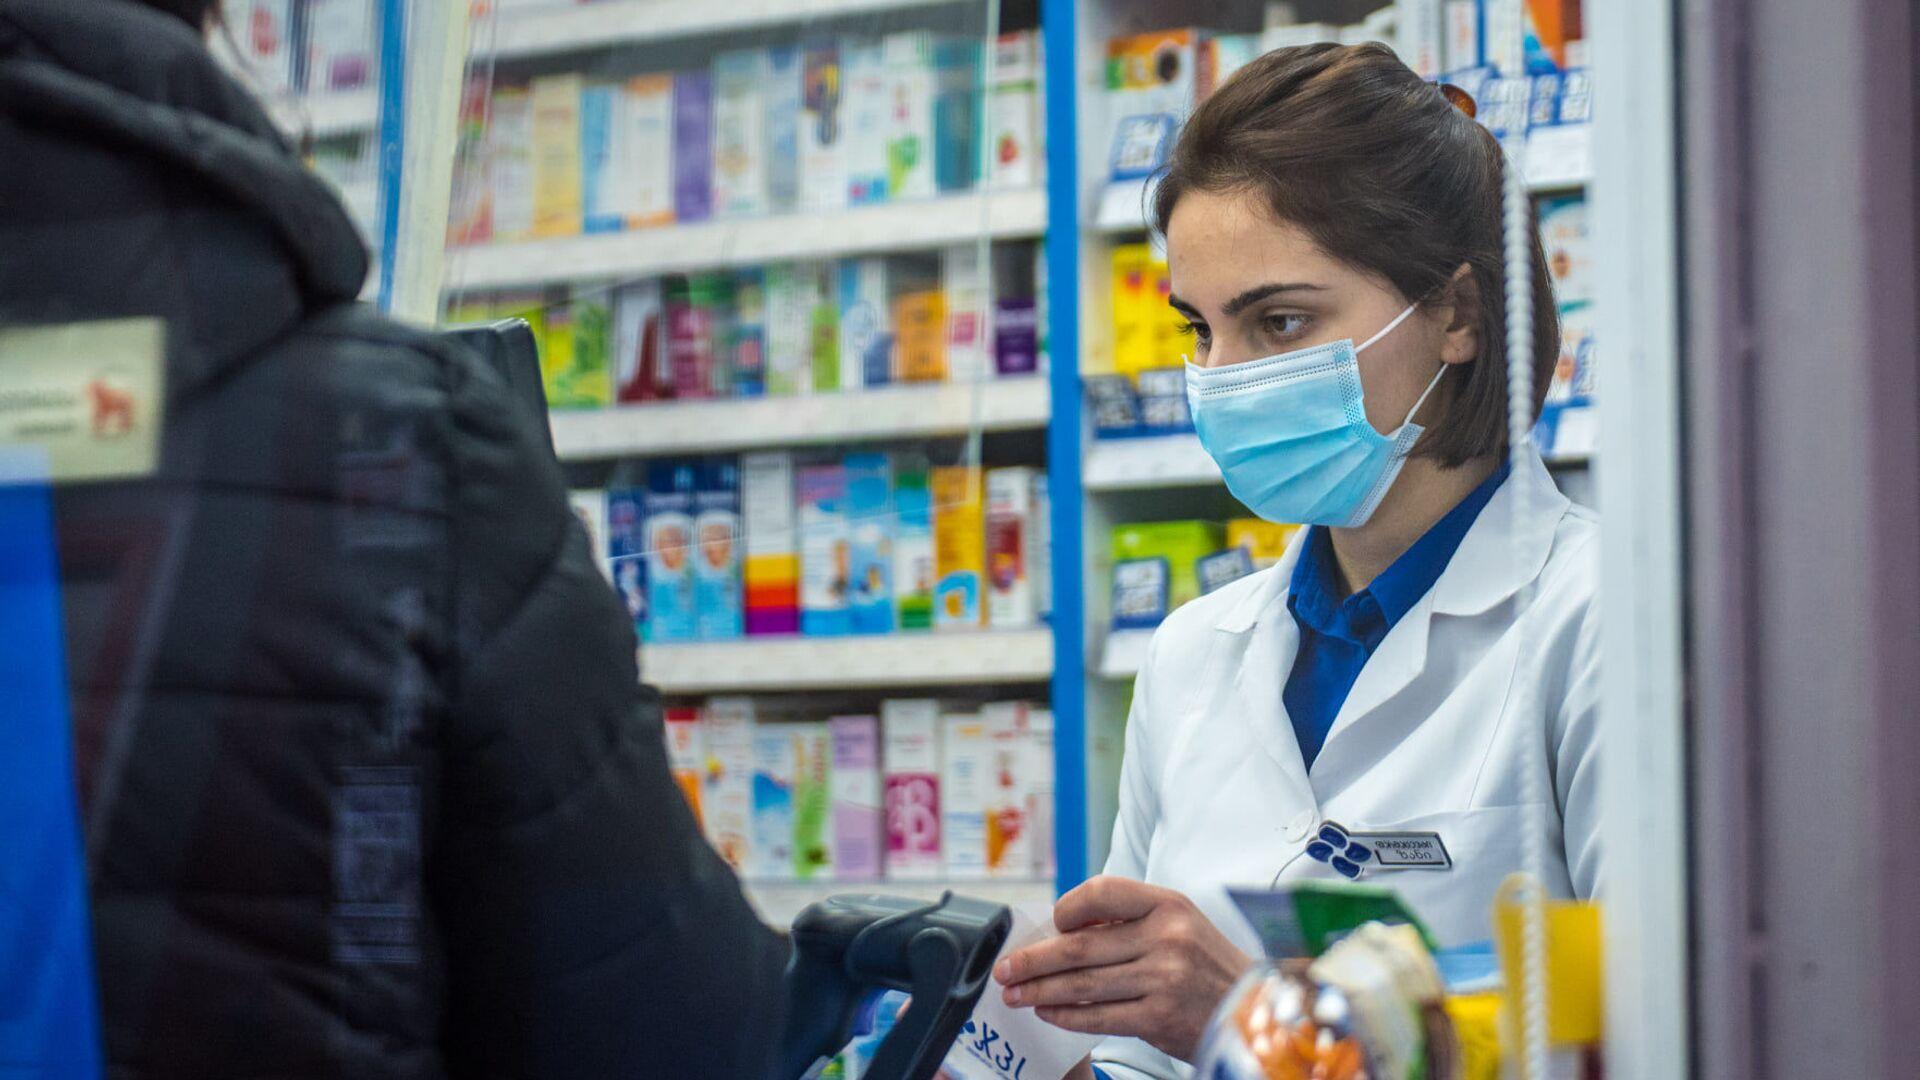 Эпидемия коронавируса - продавщица в аптеке в маске - Sputnik Грузия, 1920, 28.04.2021